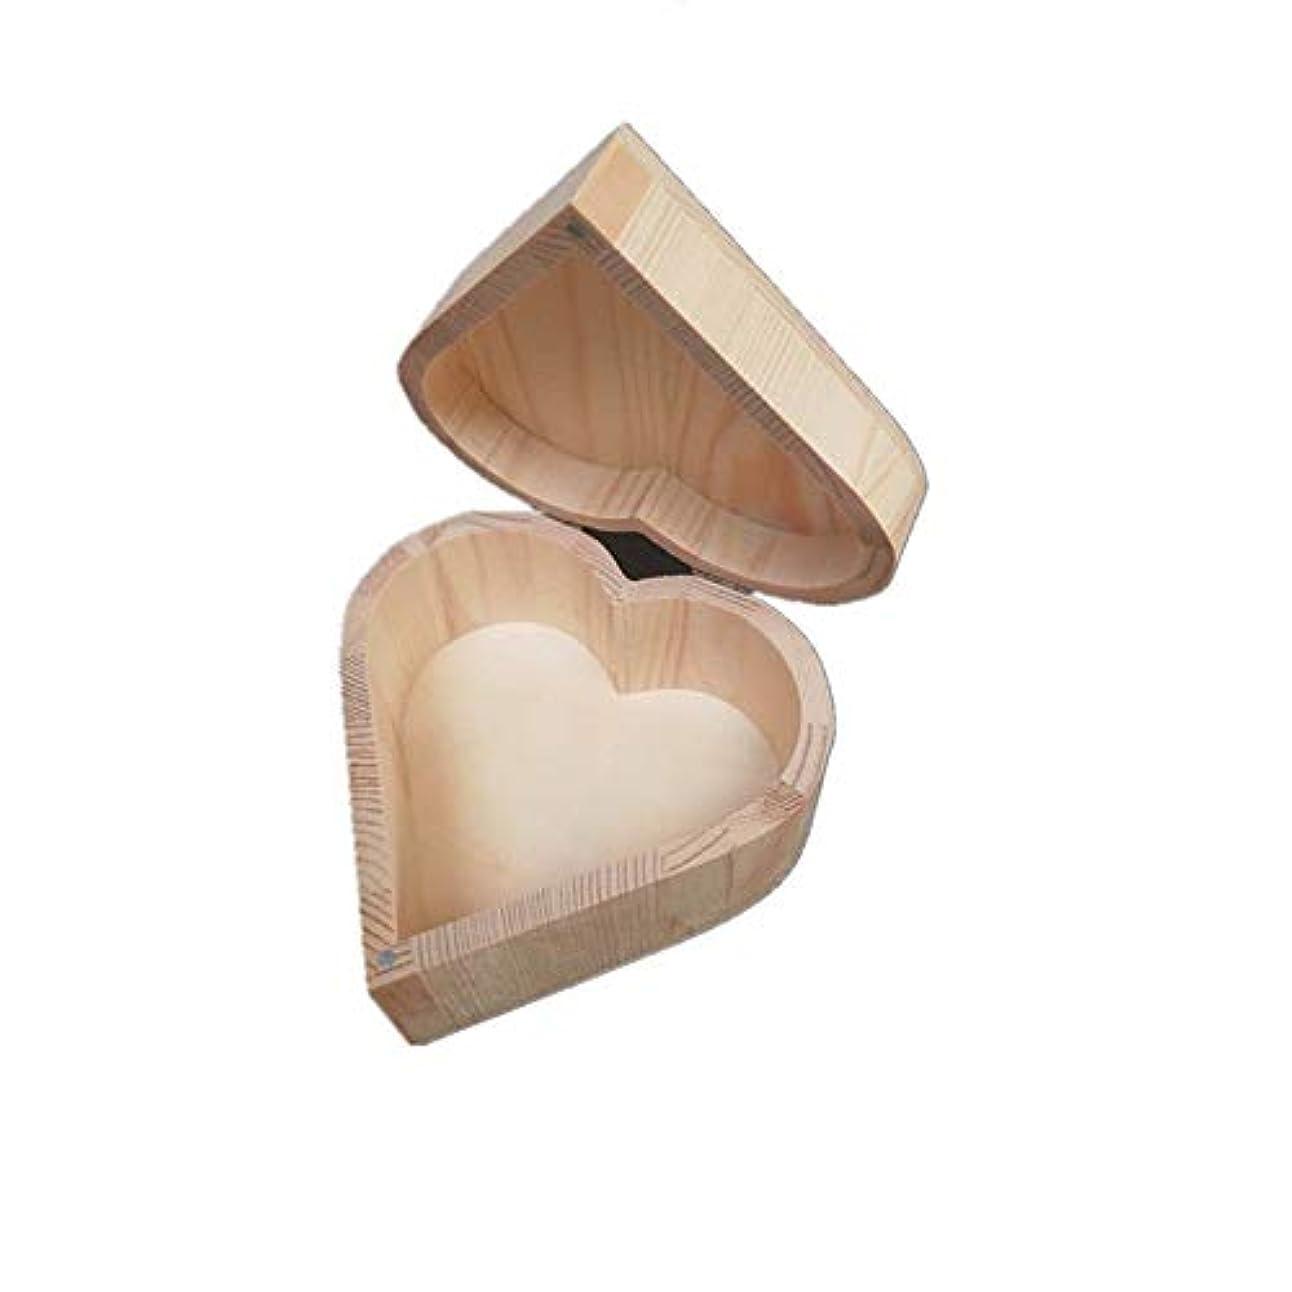 減少抑制好奇心手作りハート木製のエッセンシャルオイルボックスパーフェクトエッセンシャルオイルケース アロマセラピー製品 (色 : Natural, サイズ : 13X13X7CM)